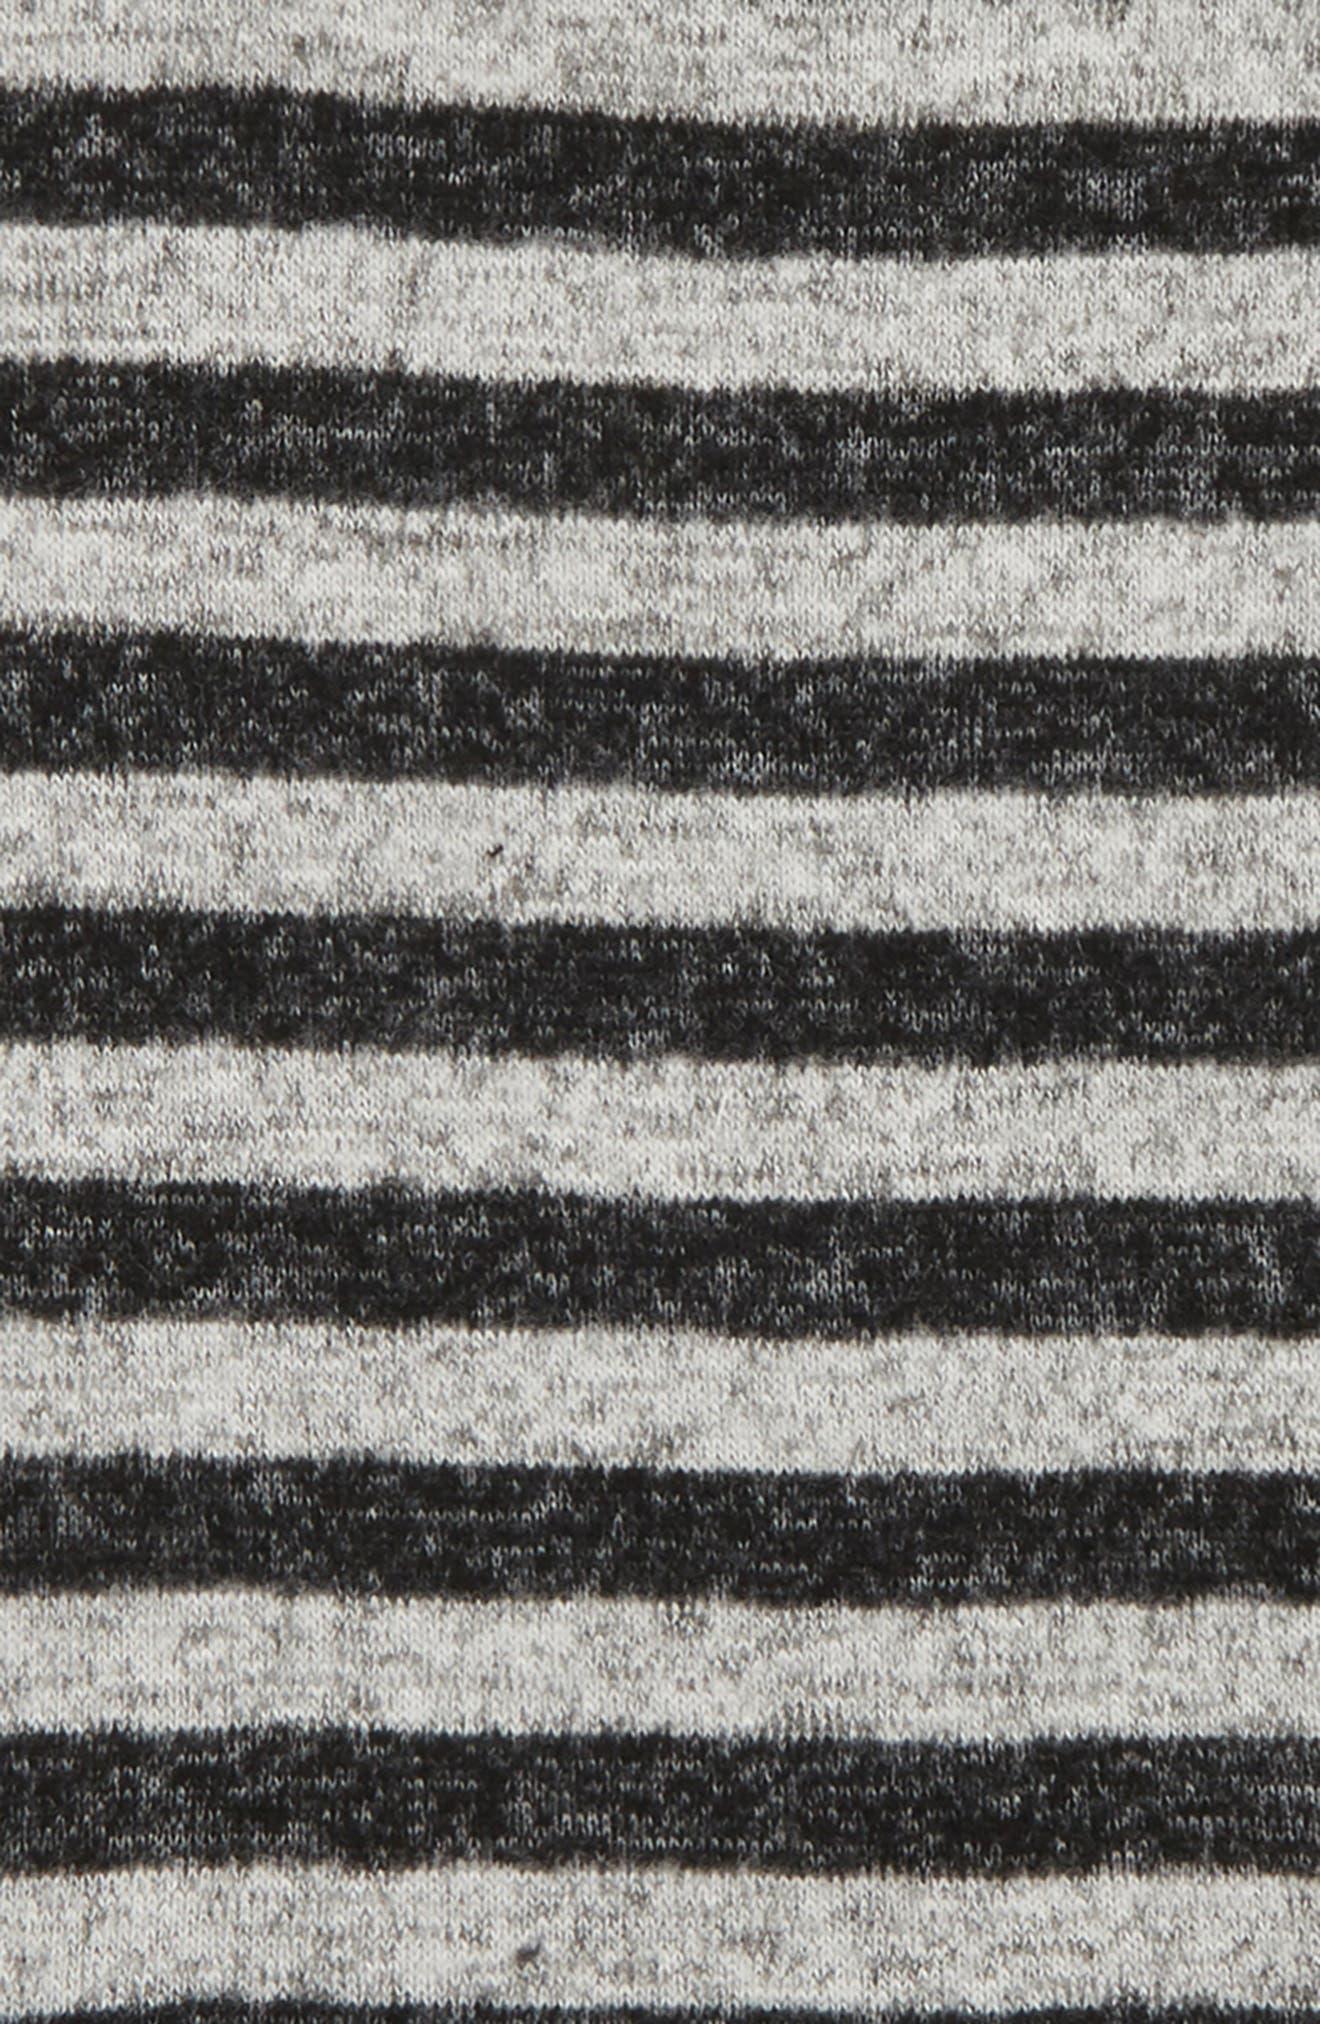 Peek Tori Dress,                             Alternate thumbnail 3, color,                             031